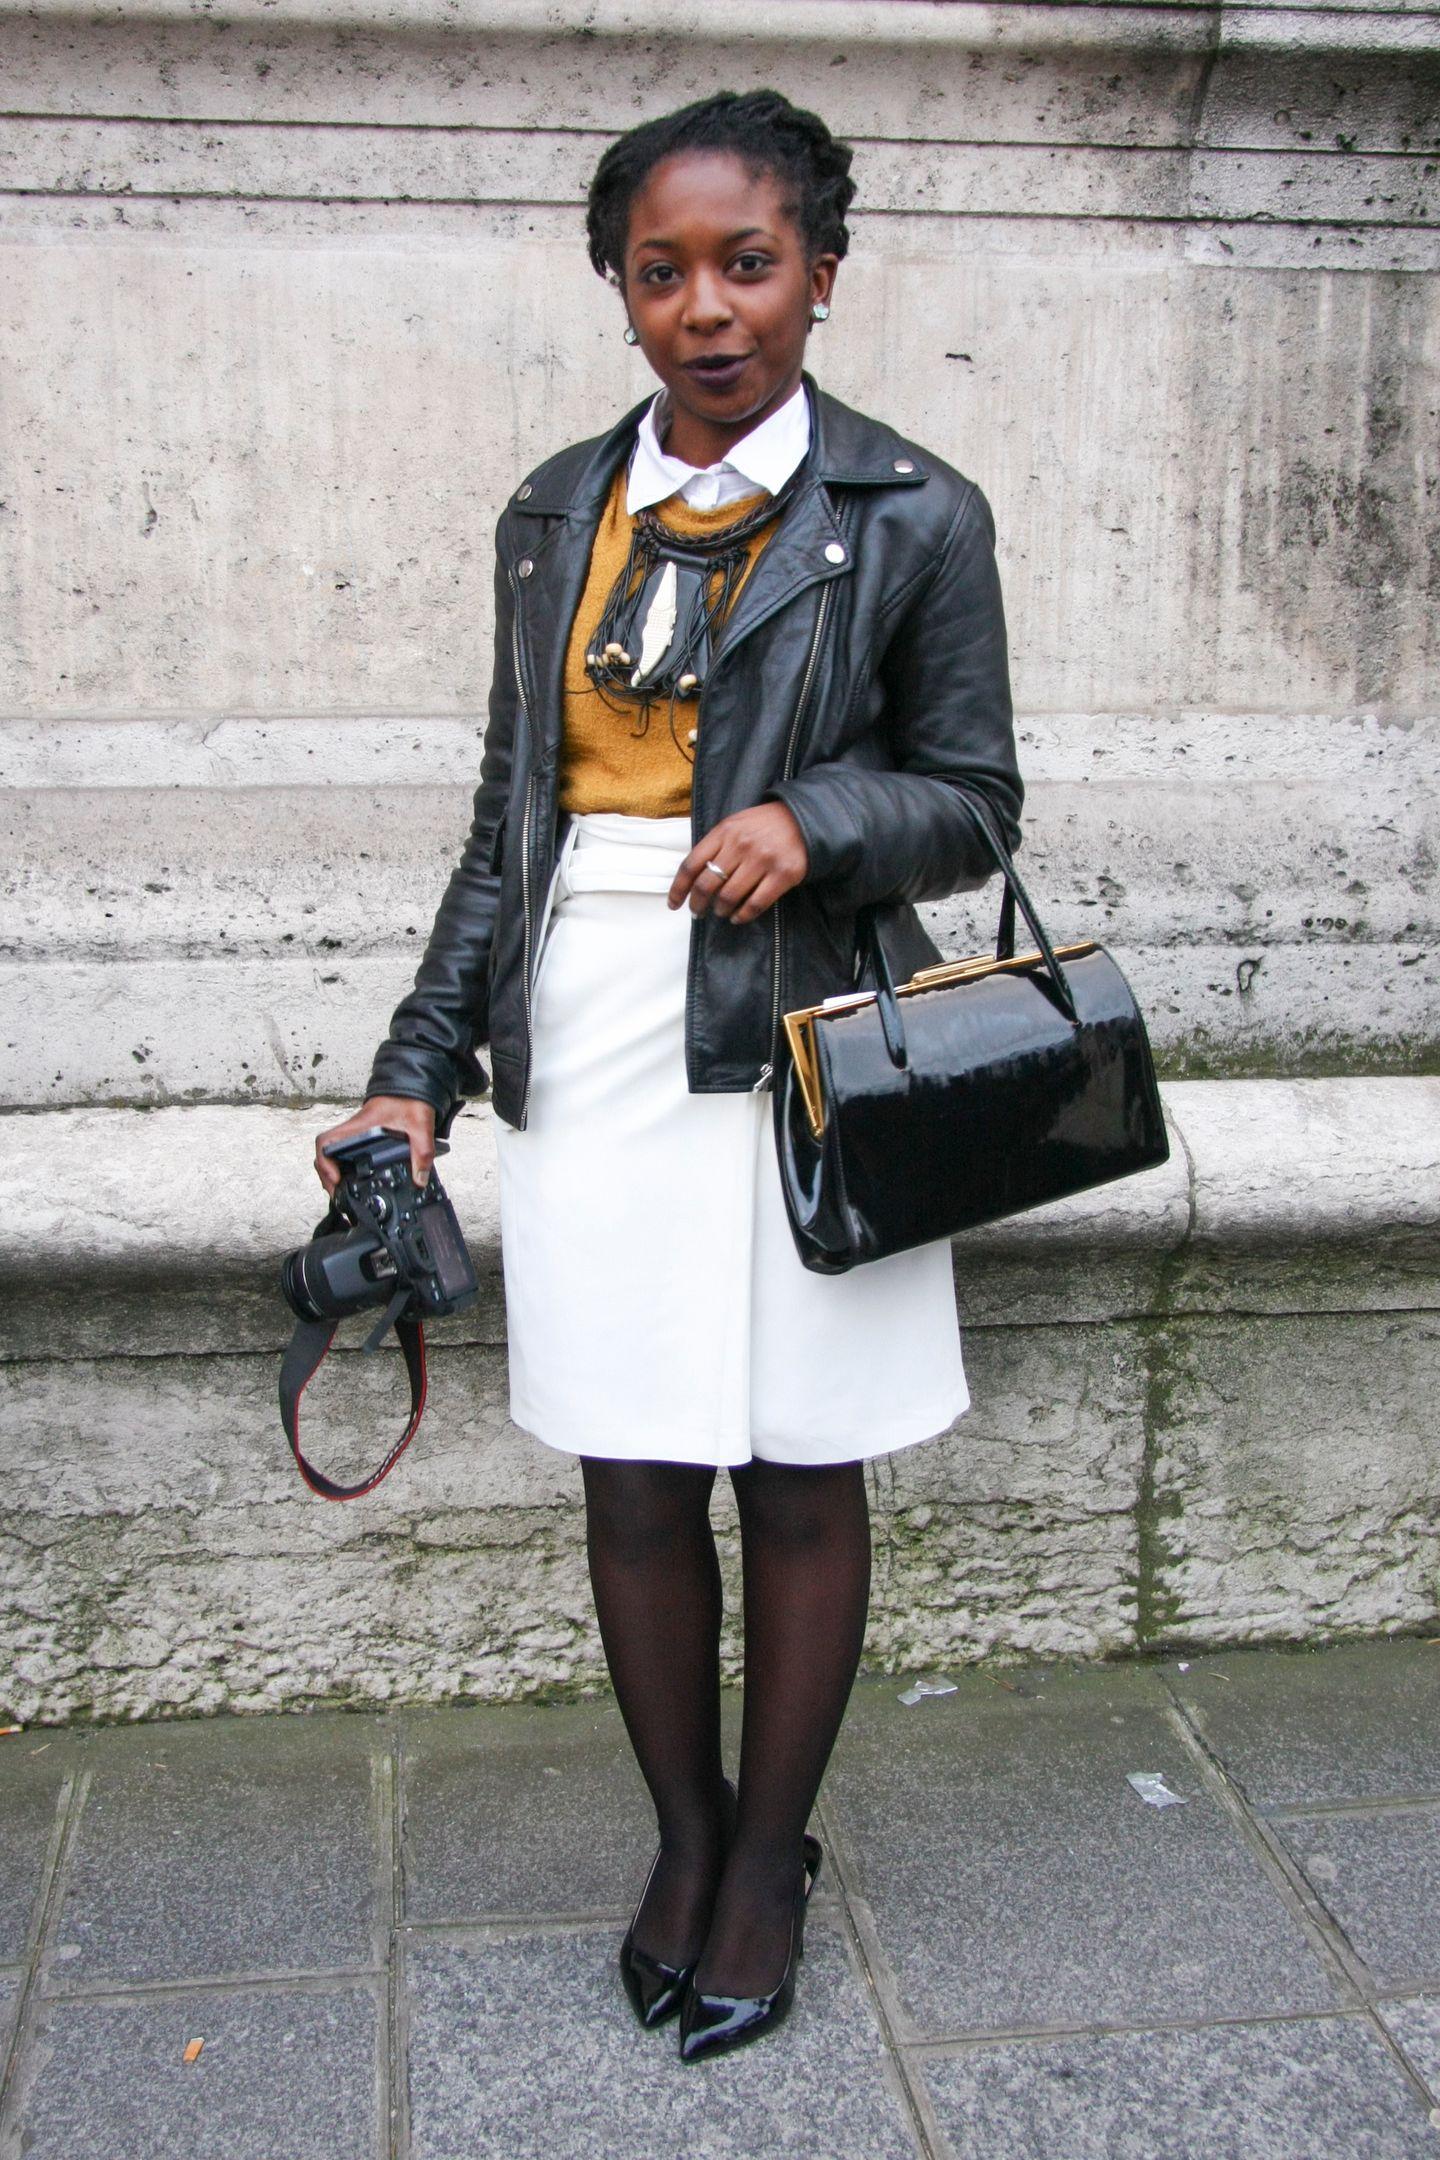 Wir sehen ihn so gerne: den Stilbruch! In diesem Outfit ist einfach alles enthalten. Von Lady, schick, bis üppig und rockig. Mehr davon!